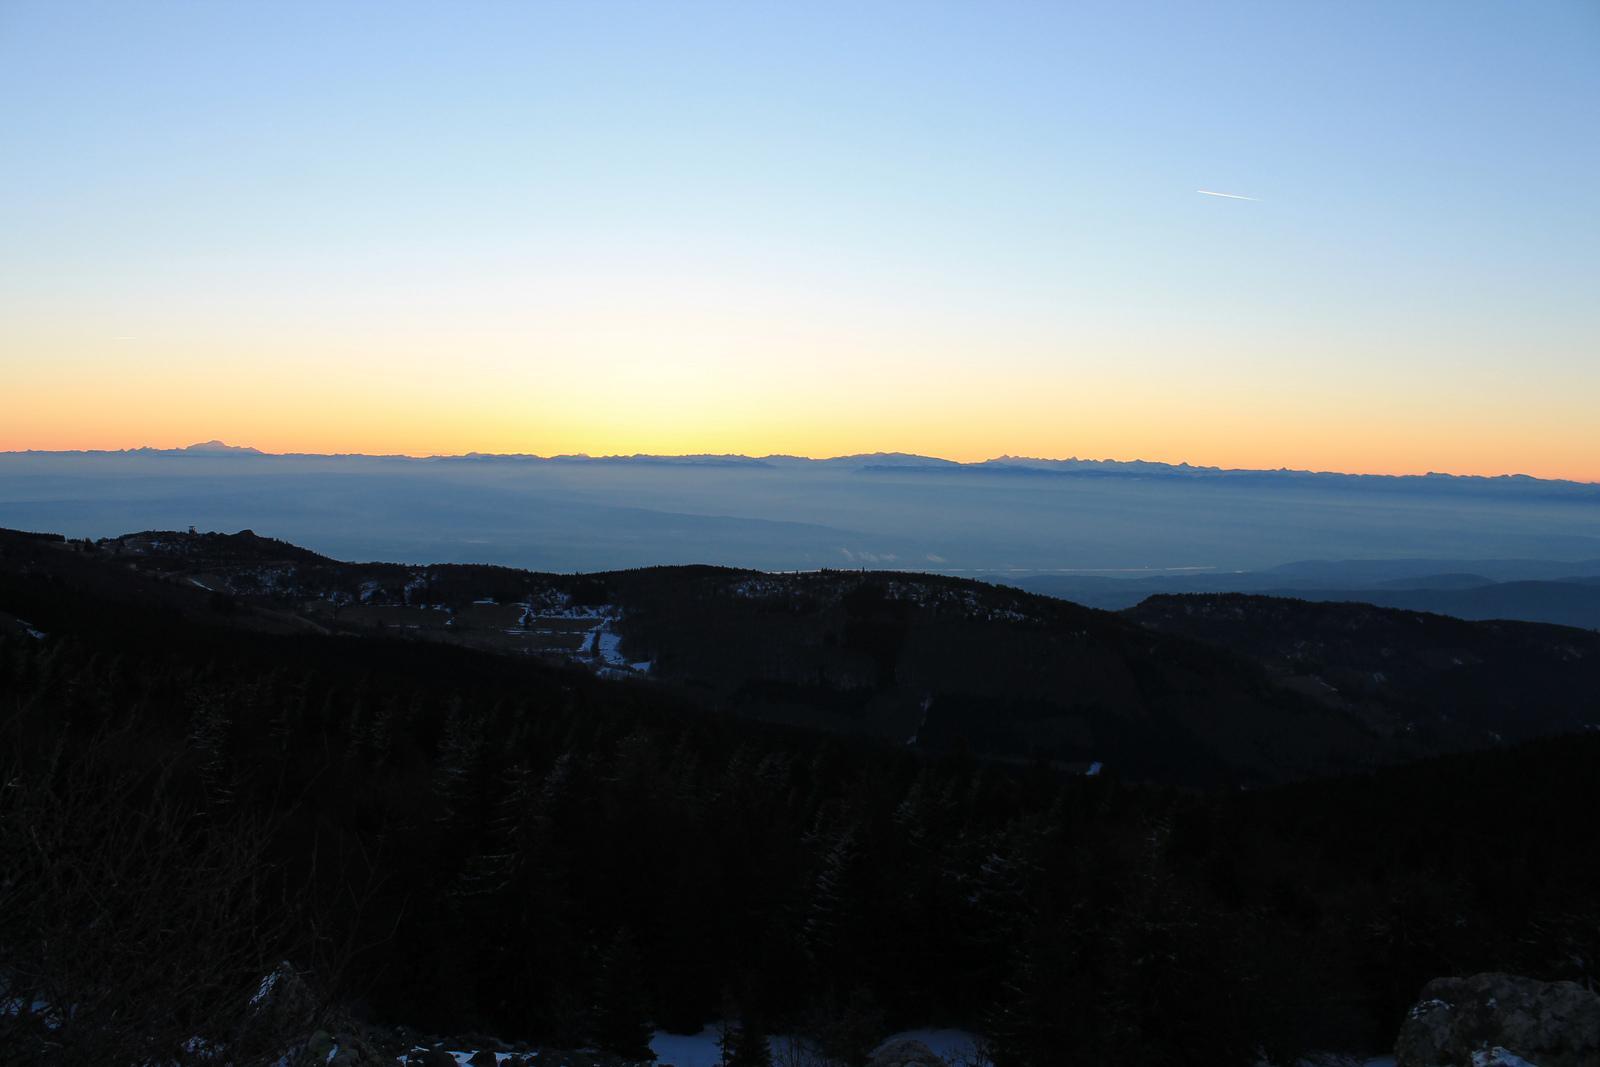 Lever de soleil au pilat ski de fond en auvergne - Les coups de soleil se transforment ils en bronzage ...